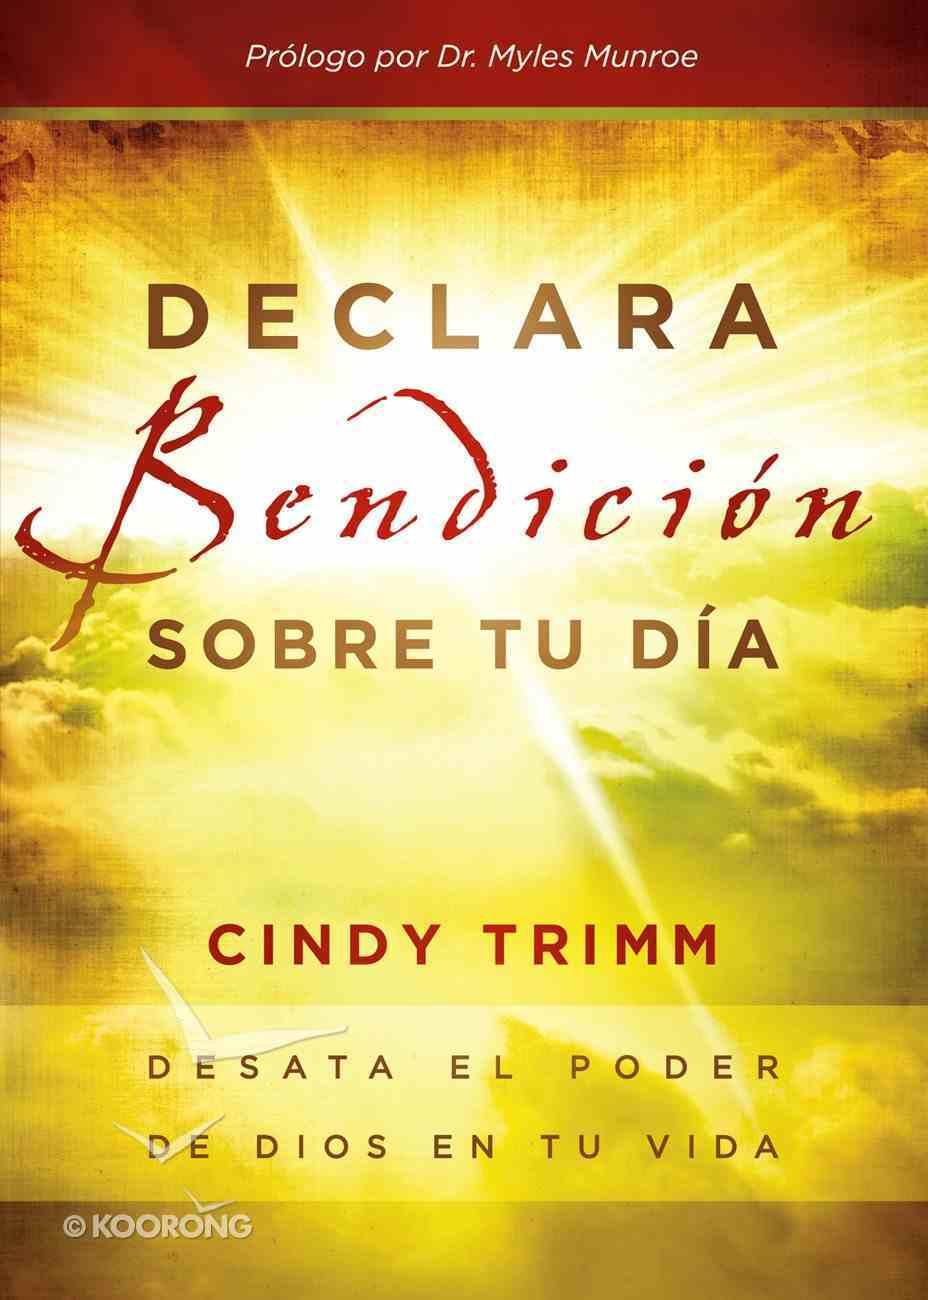 Declara Bendicin Sobre Tu (Spa) (Order Now For Tomorrow) eBook